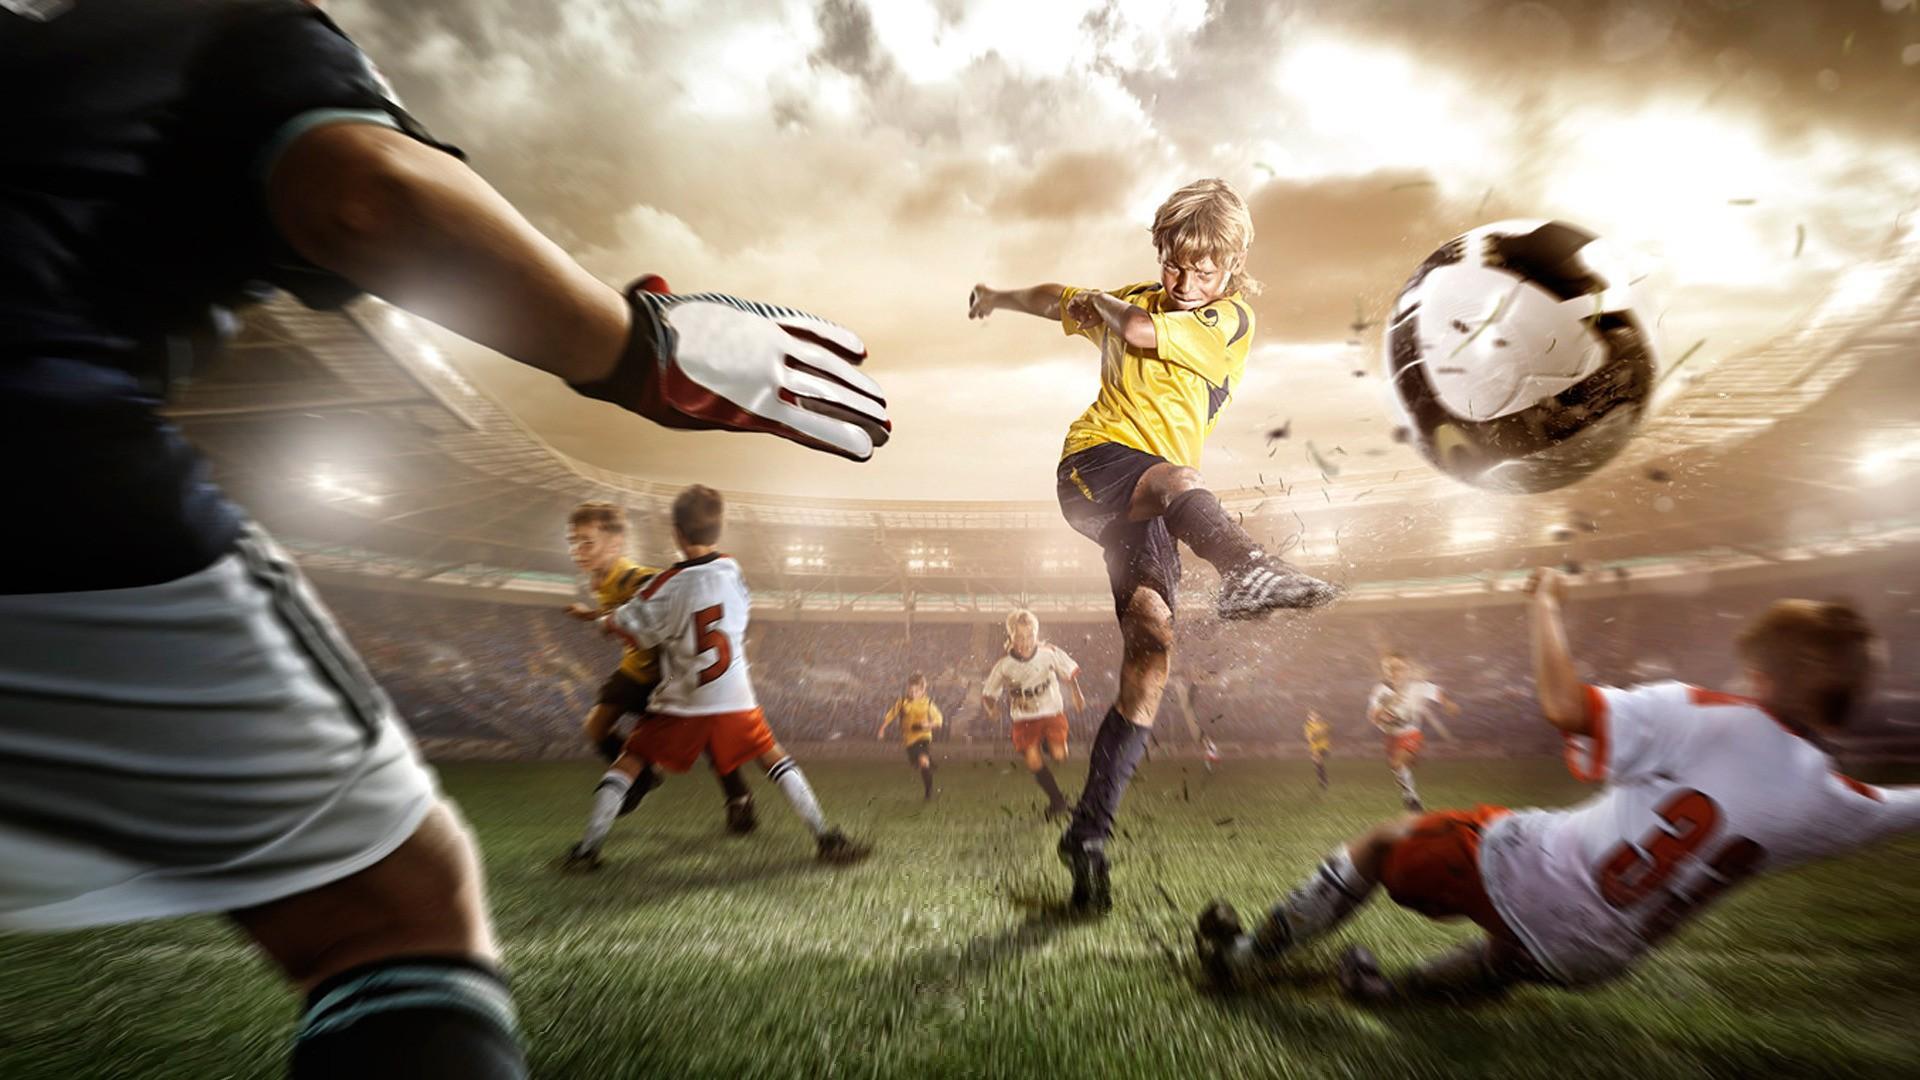 обои для рабочего стола, на рабочий стол, спорт, футбол, фото, football